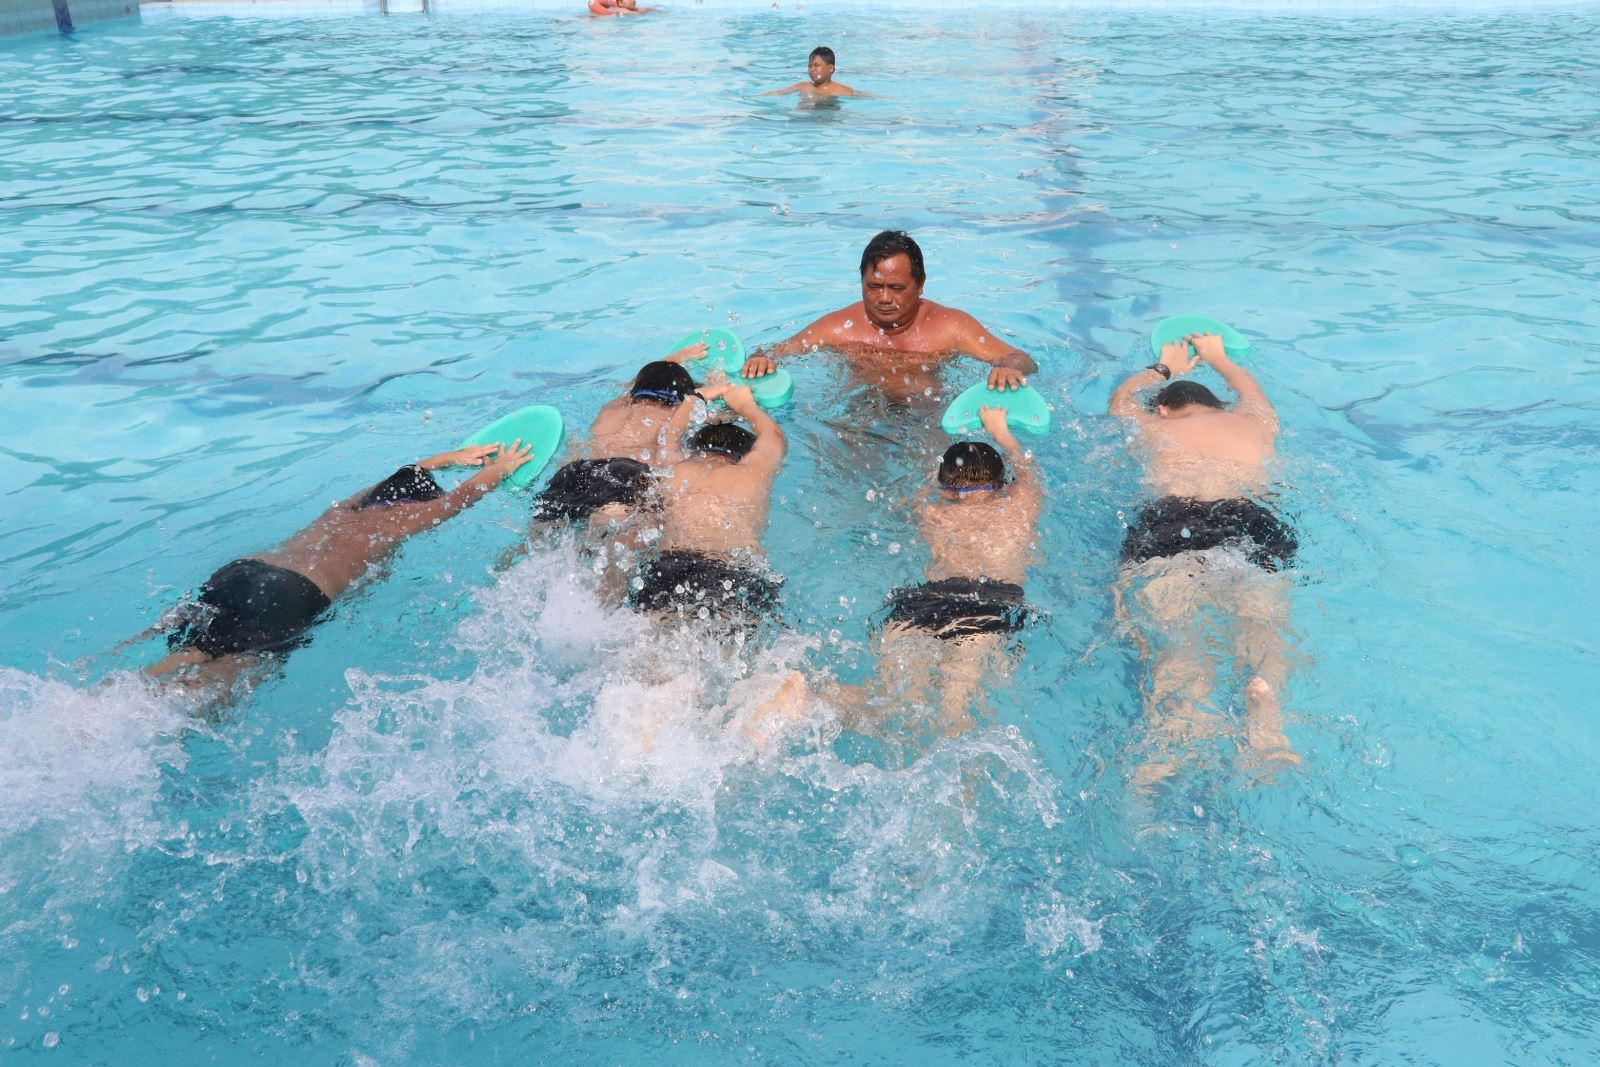 Dạy bơi cho học sinh trung học cơ sở giúp nâng cao sức khỏe và phòng chống đuối nước cho các em. Ảnh: Nguyễn Văn Trí/TTXVN